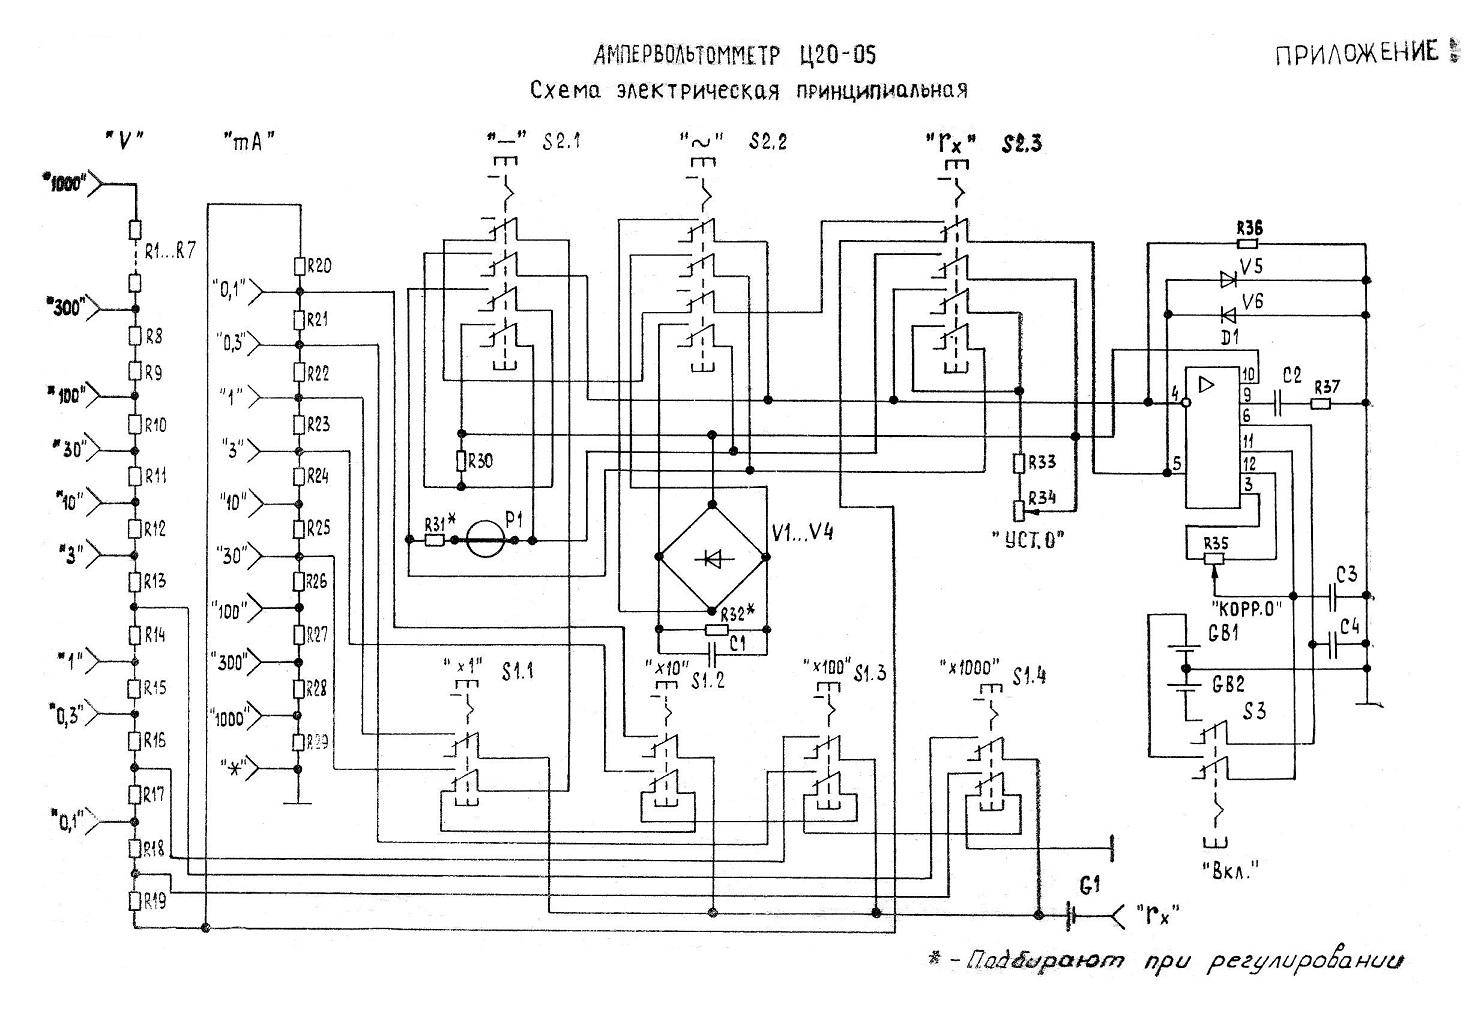 Тестер ц20 05 схема